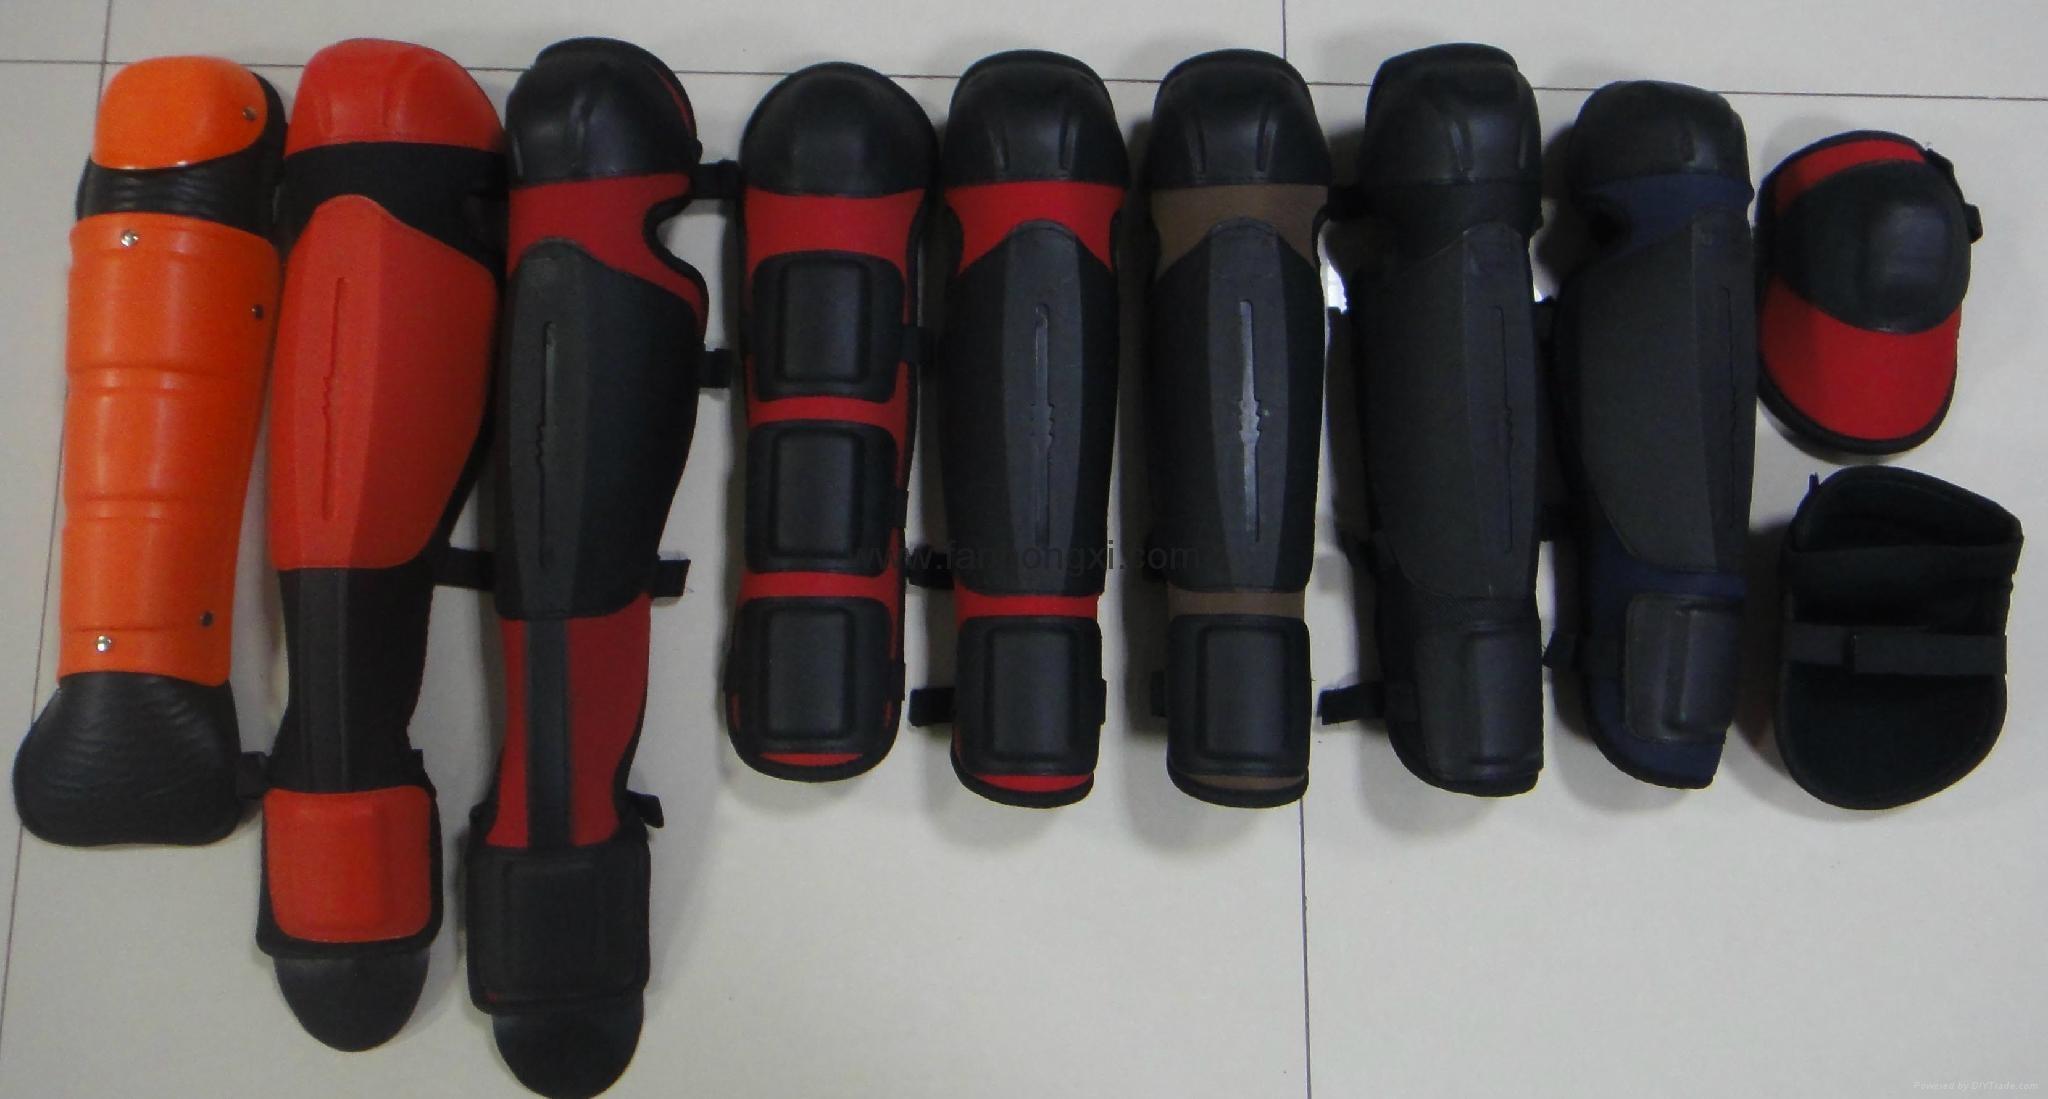 Kneepad,Kneeguard,Kneel pad,Knee protection